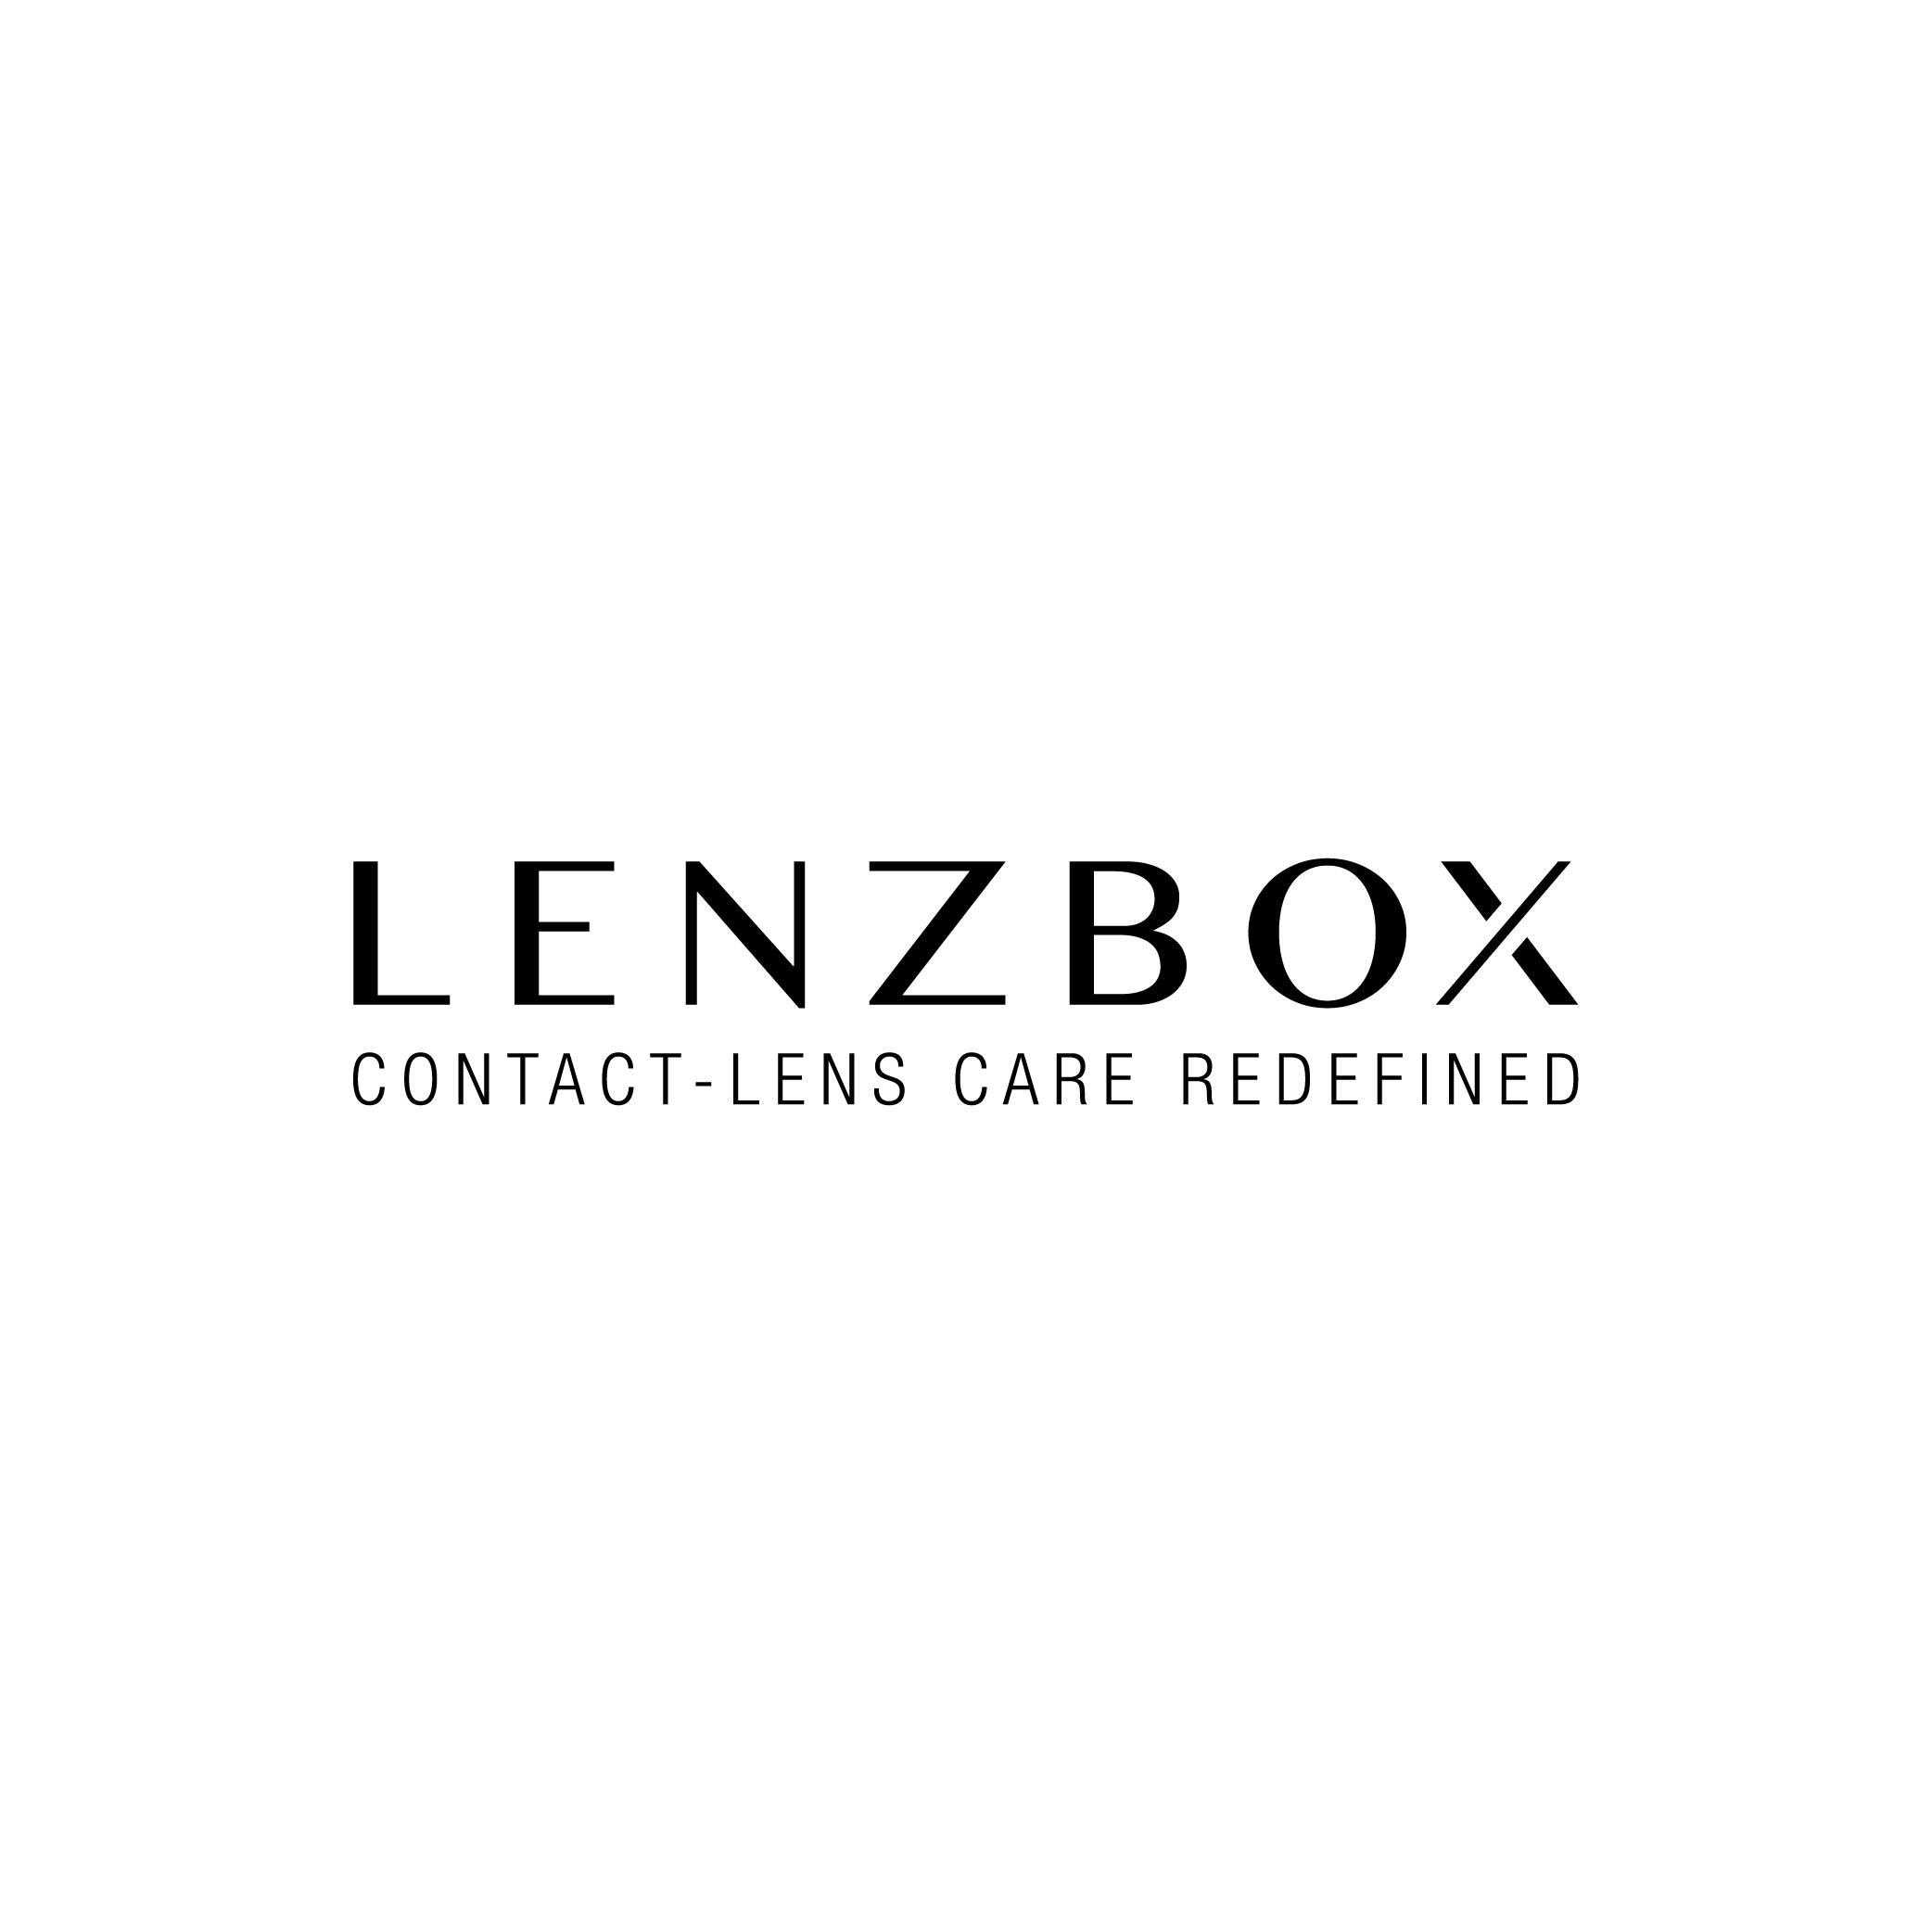 Lenzbox